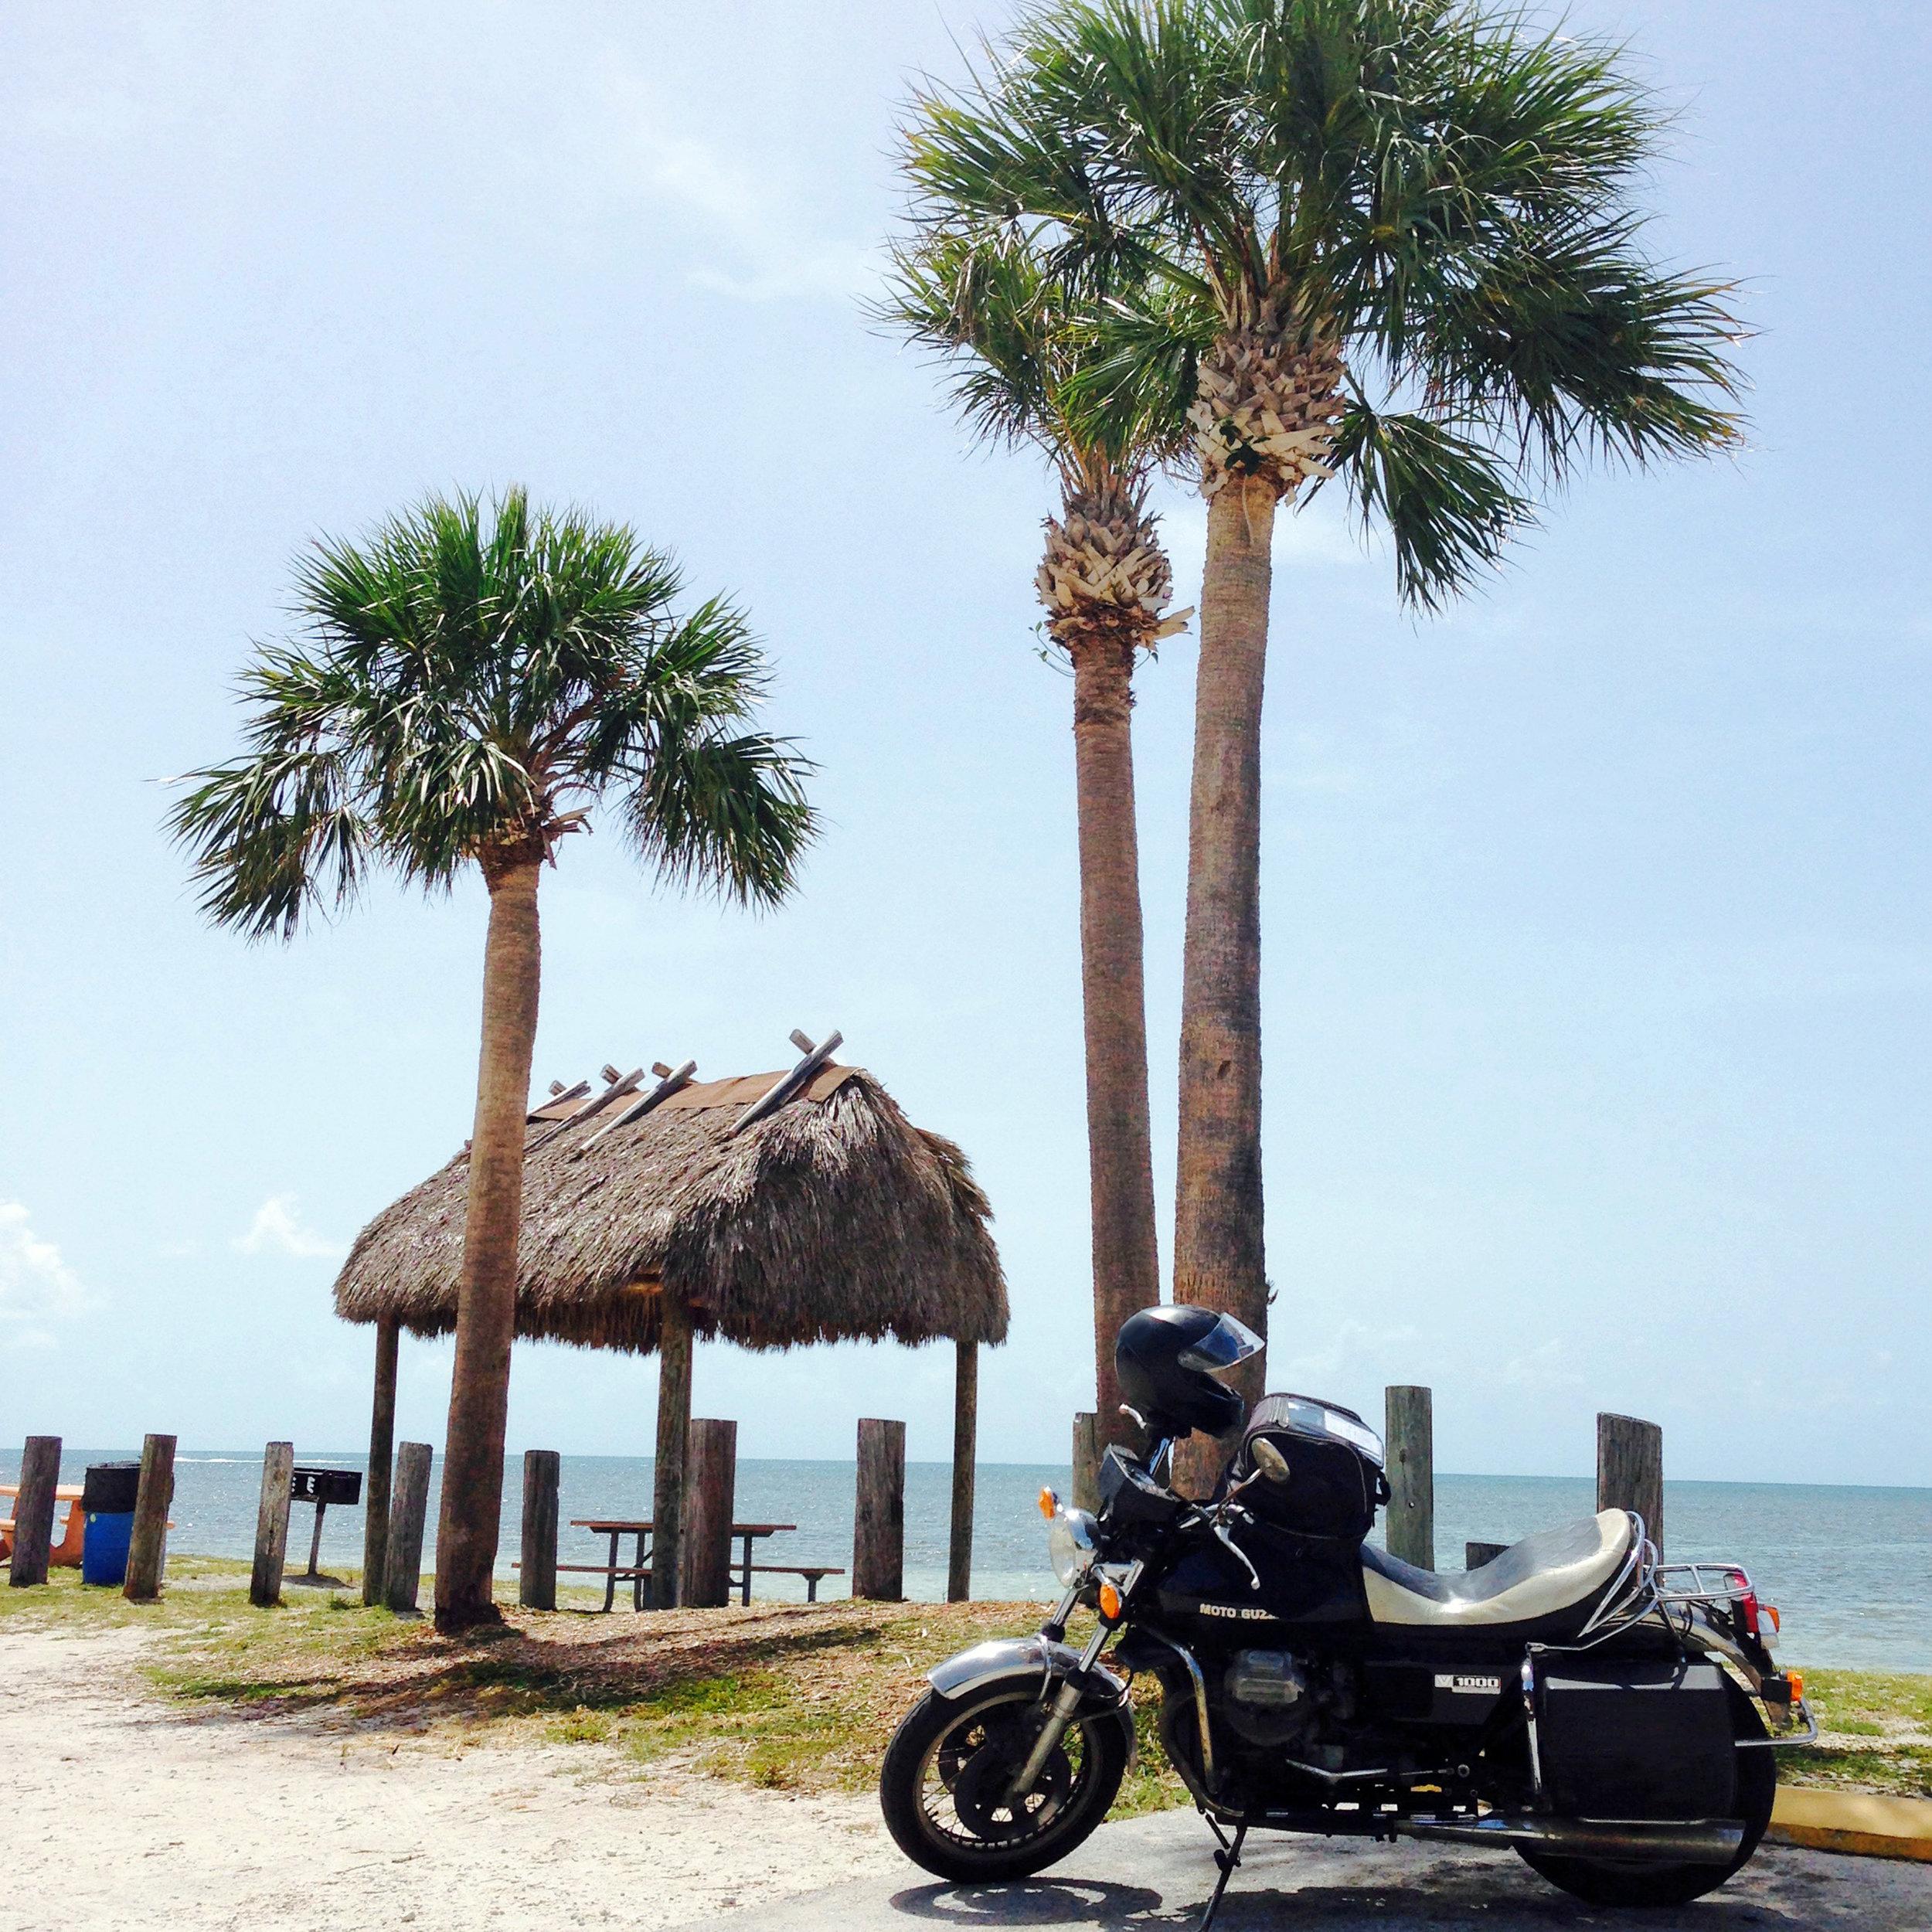 Heading to Key West Florida